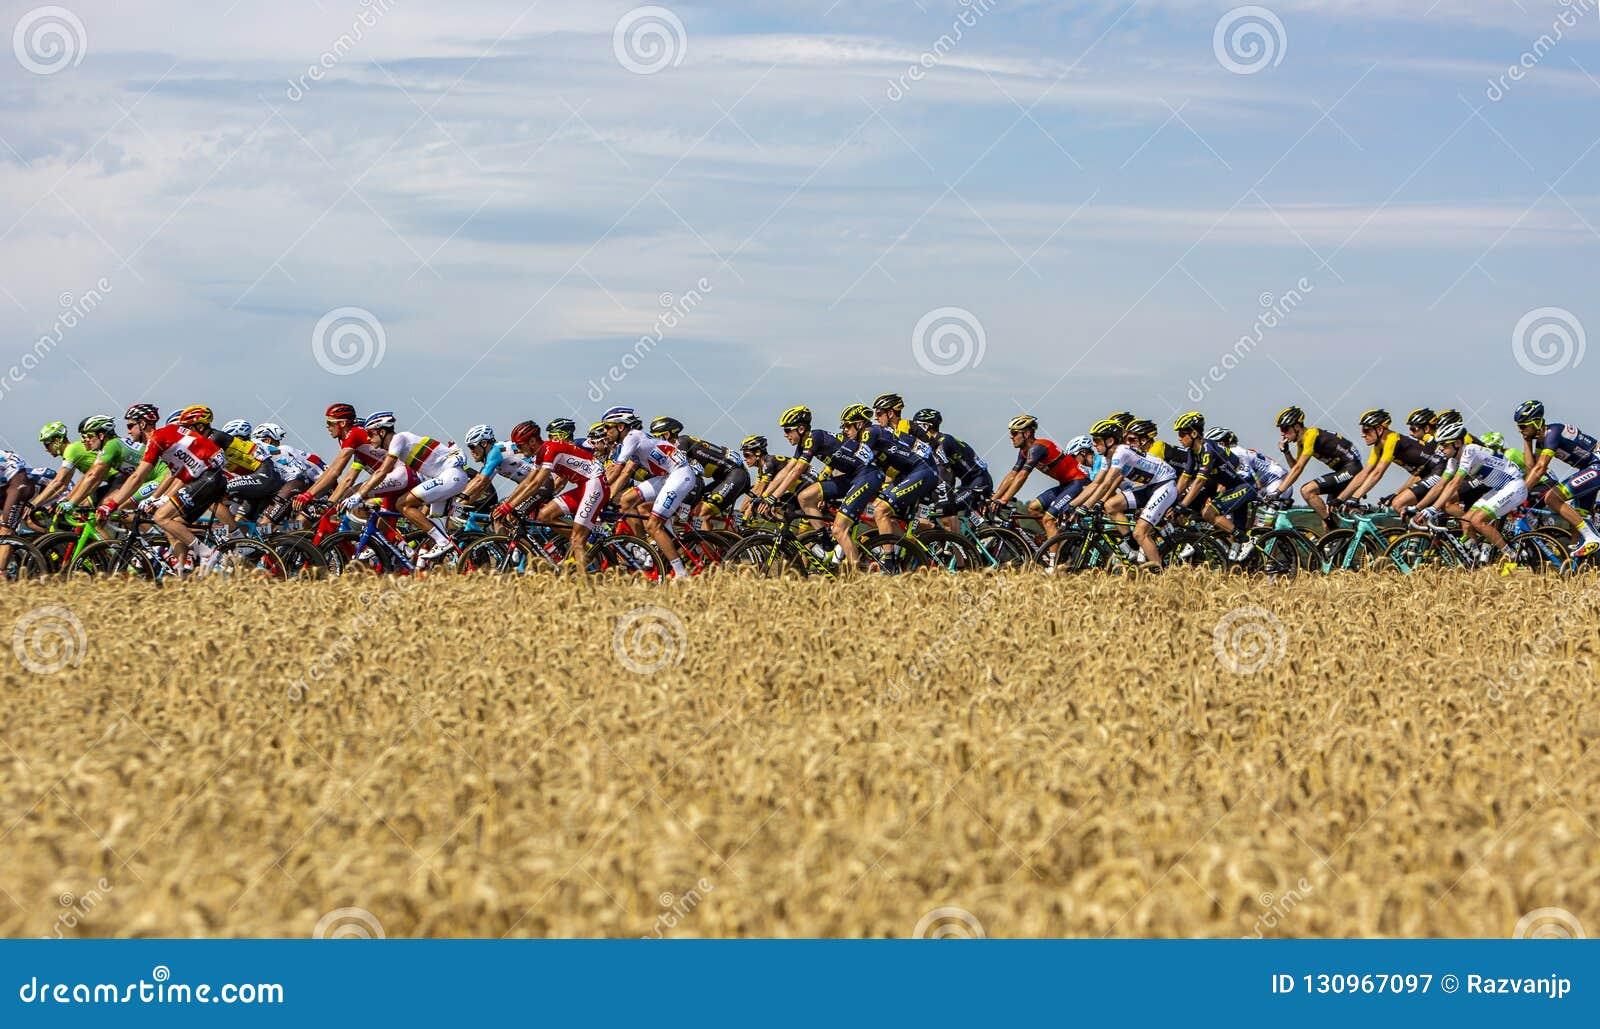 Der Peloton - Tour de France 2017